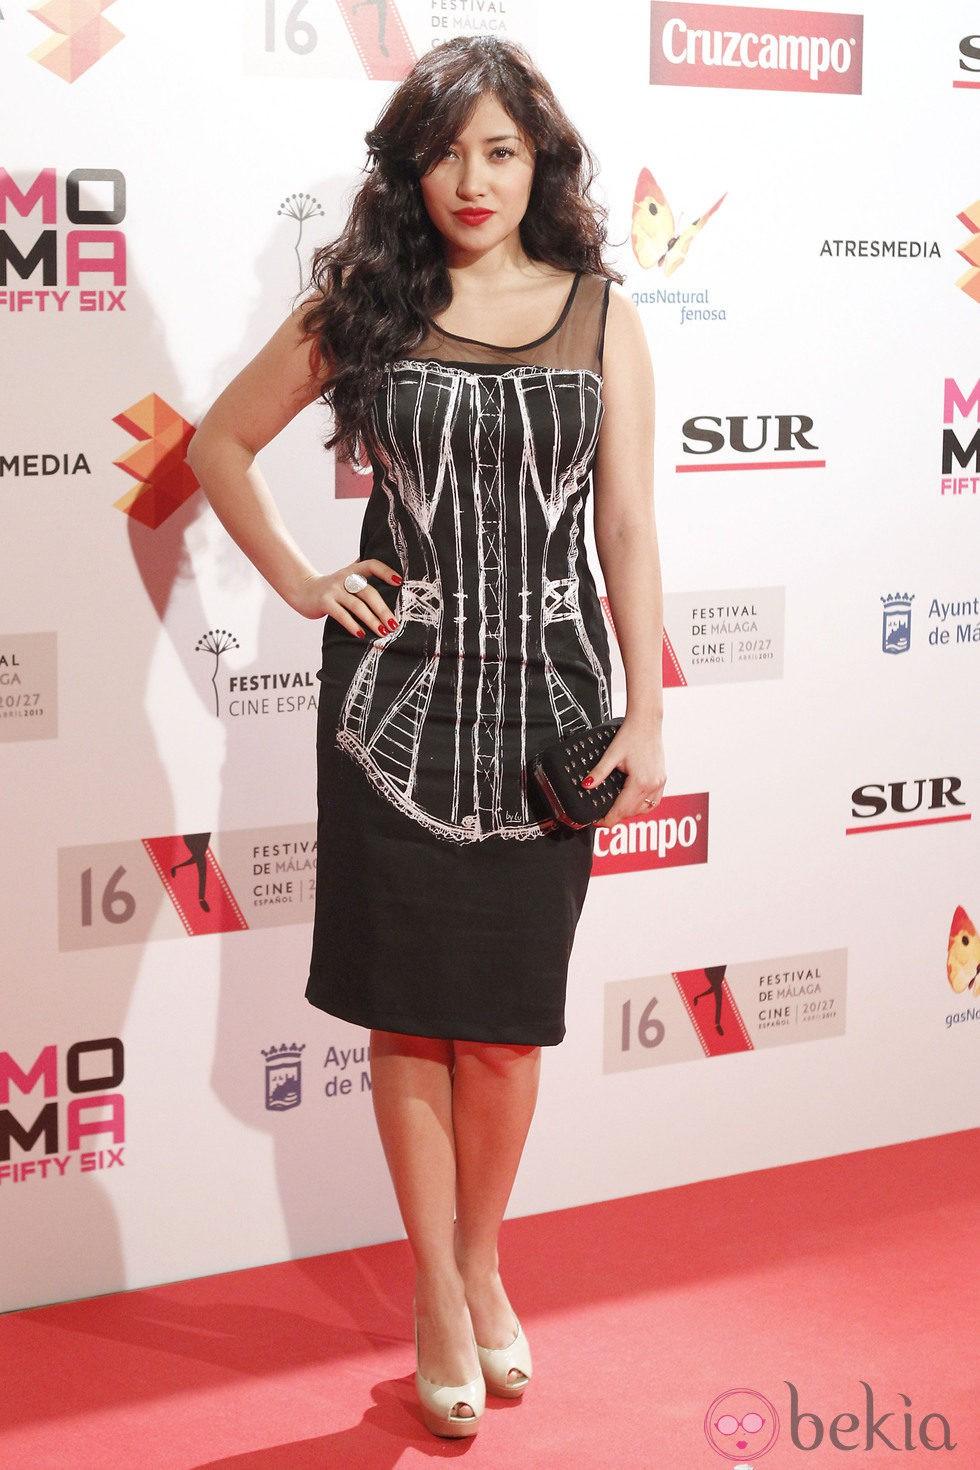 Giselle Calderón en la presentación del Festival de Málaga 2013